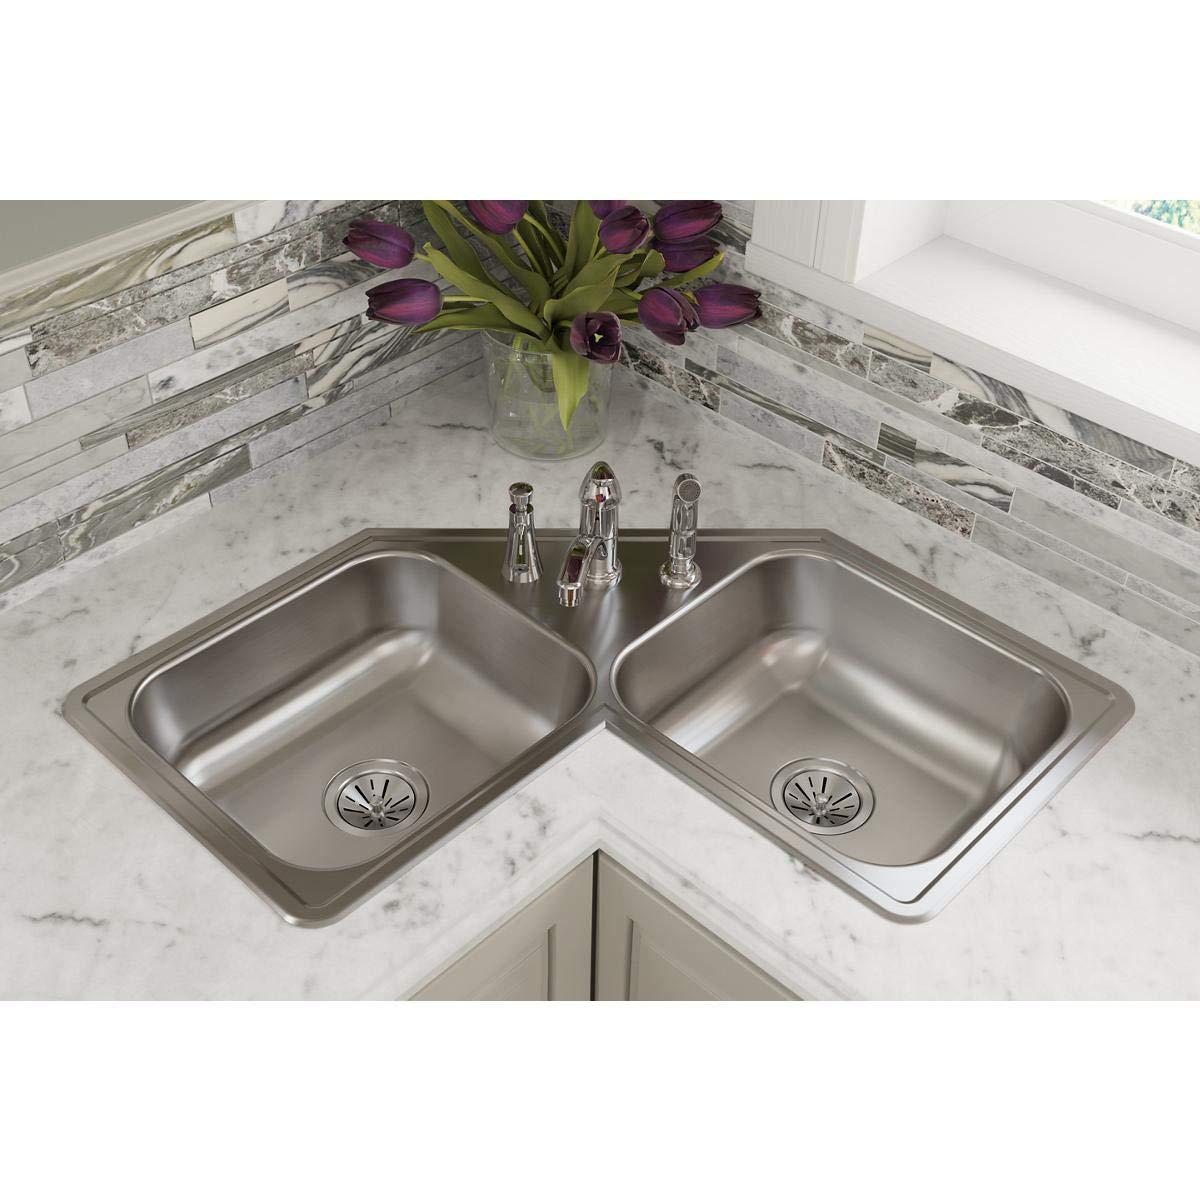 Elkay DE217323 Dayton Equal Double Bowl Stainless Steel Corner Sink by Elkay (Image #2)